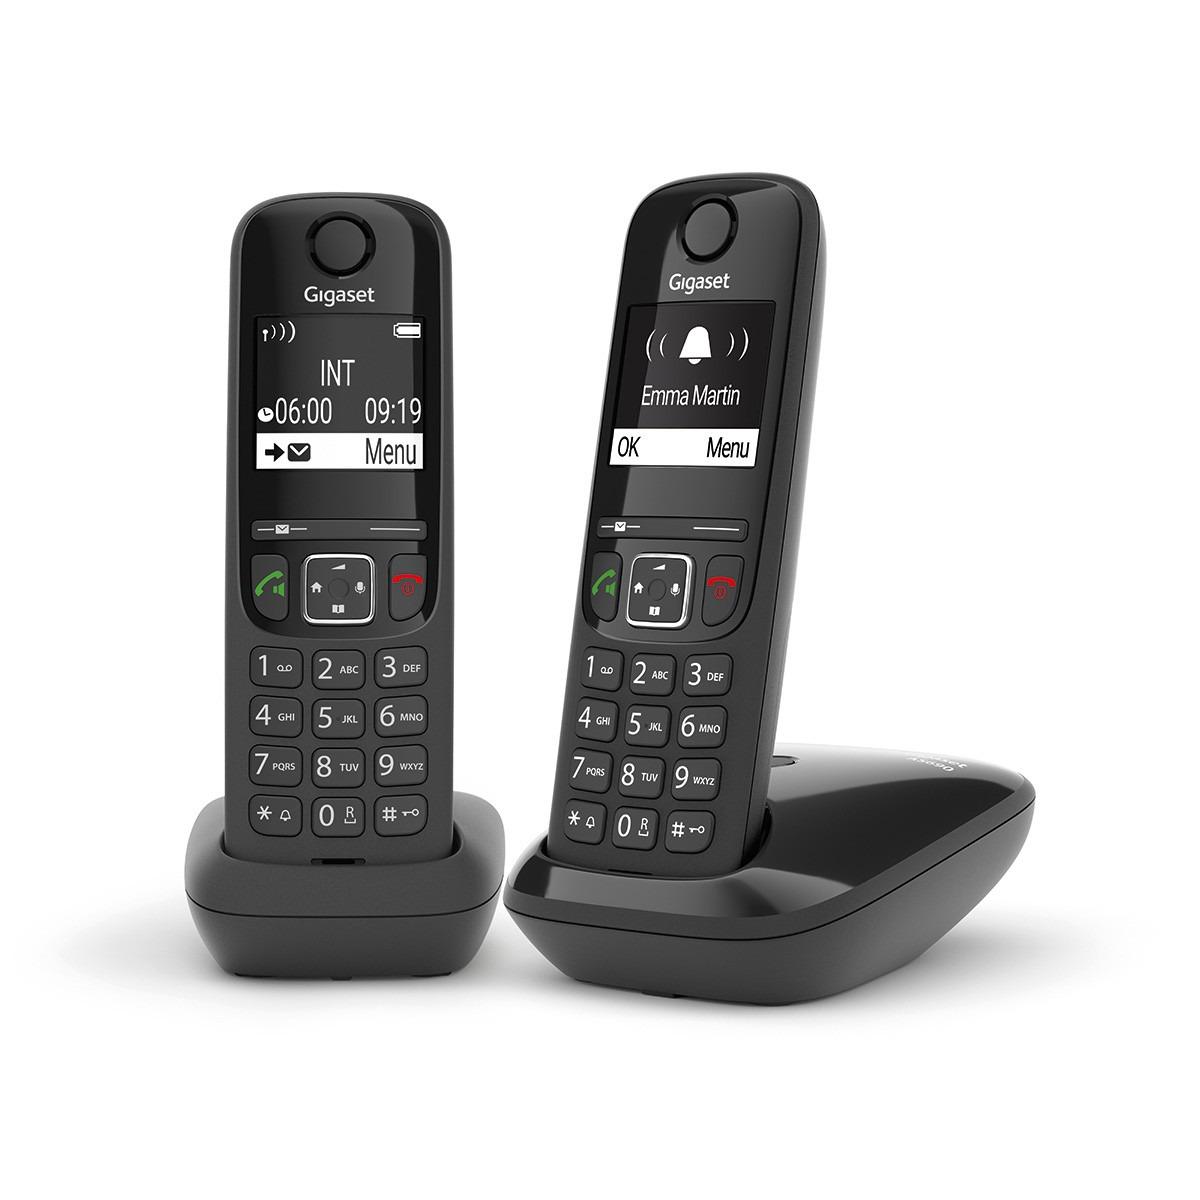 Op UrbanEssentials (wat heb je nodig in de stad?) is alles over telefoons te vinden: waaronder expert en specifiek Gigaset AS690R DUO Dect telefoon